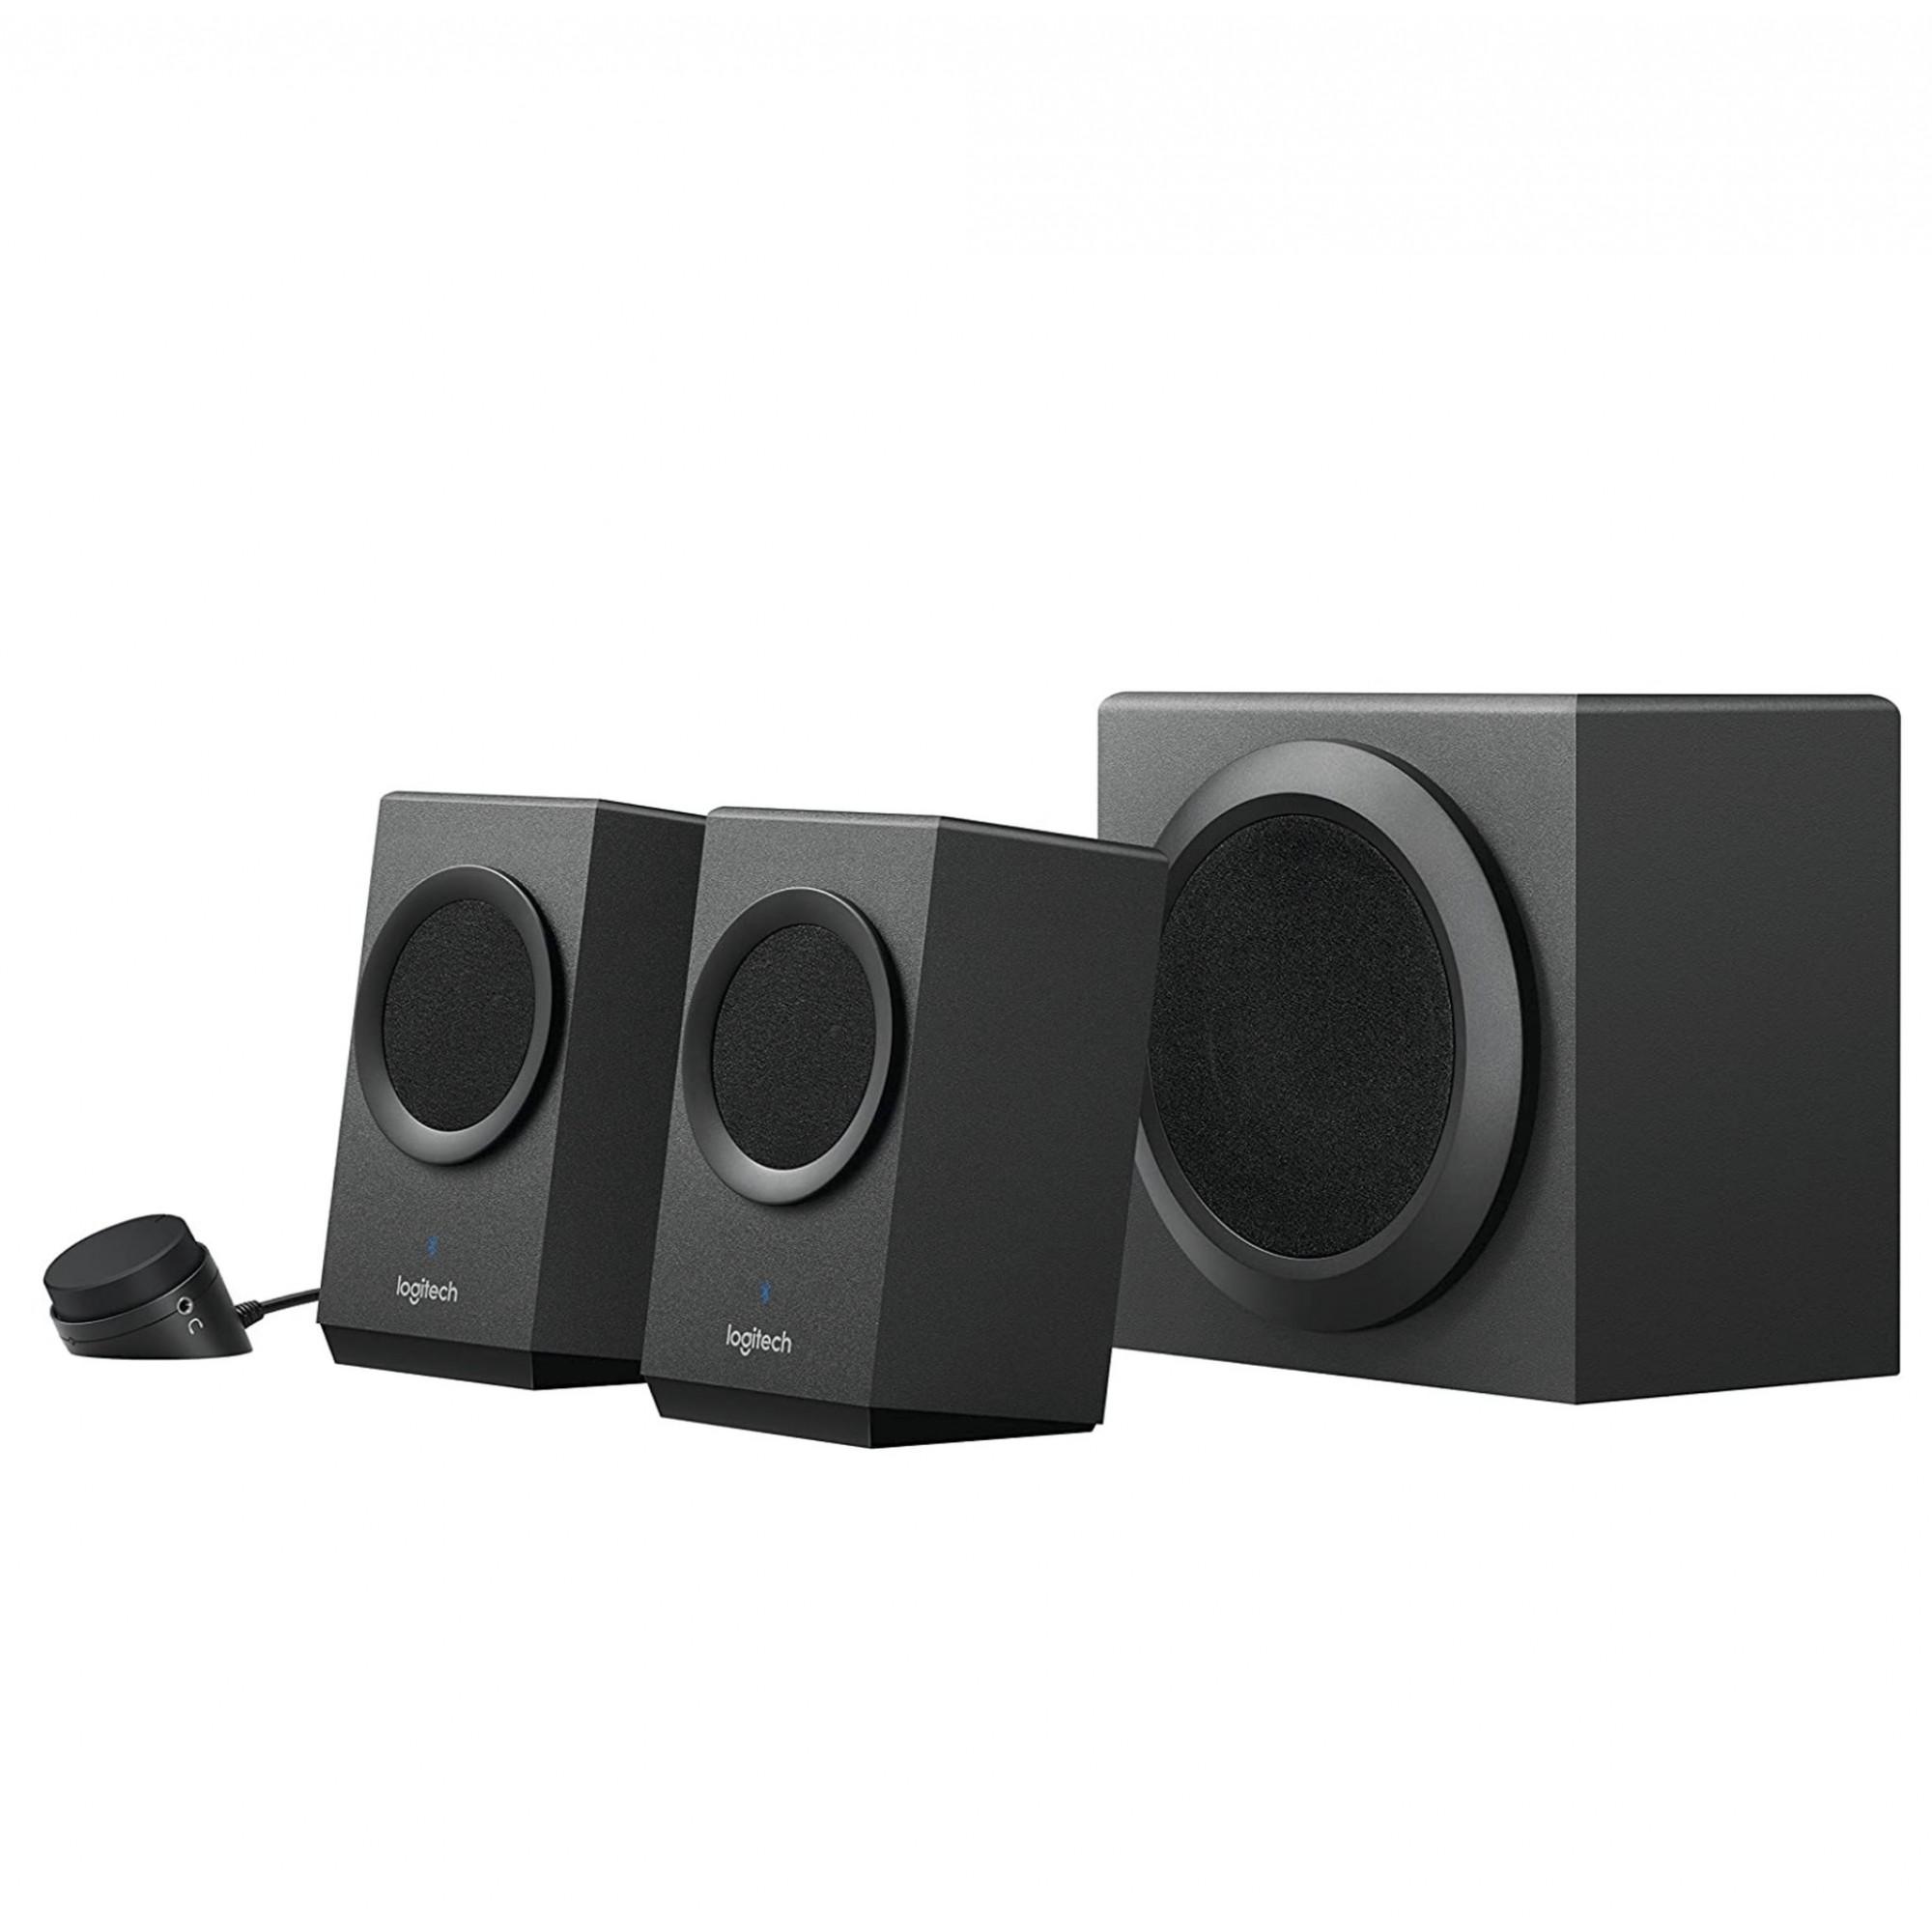 Logitech Z337 Sistema De Alto-falantes Com Bluetooth 980-001261